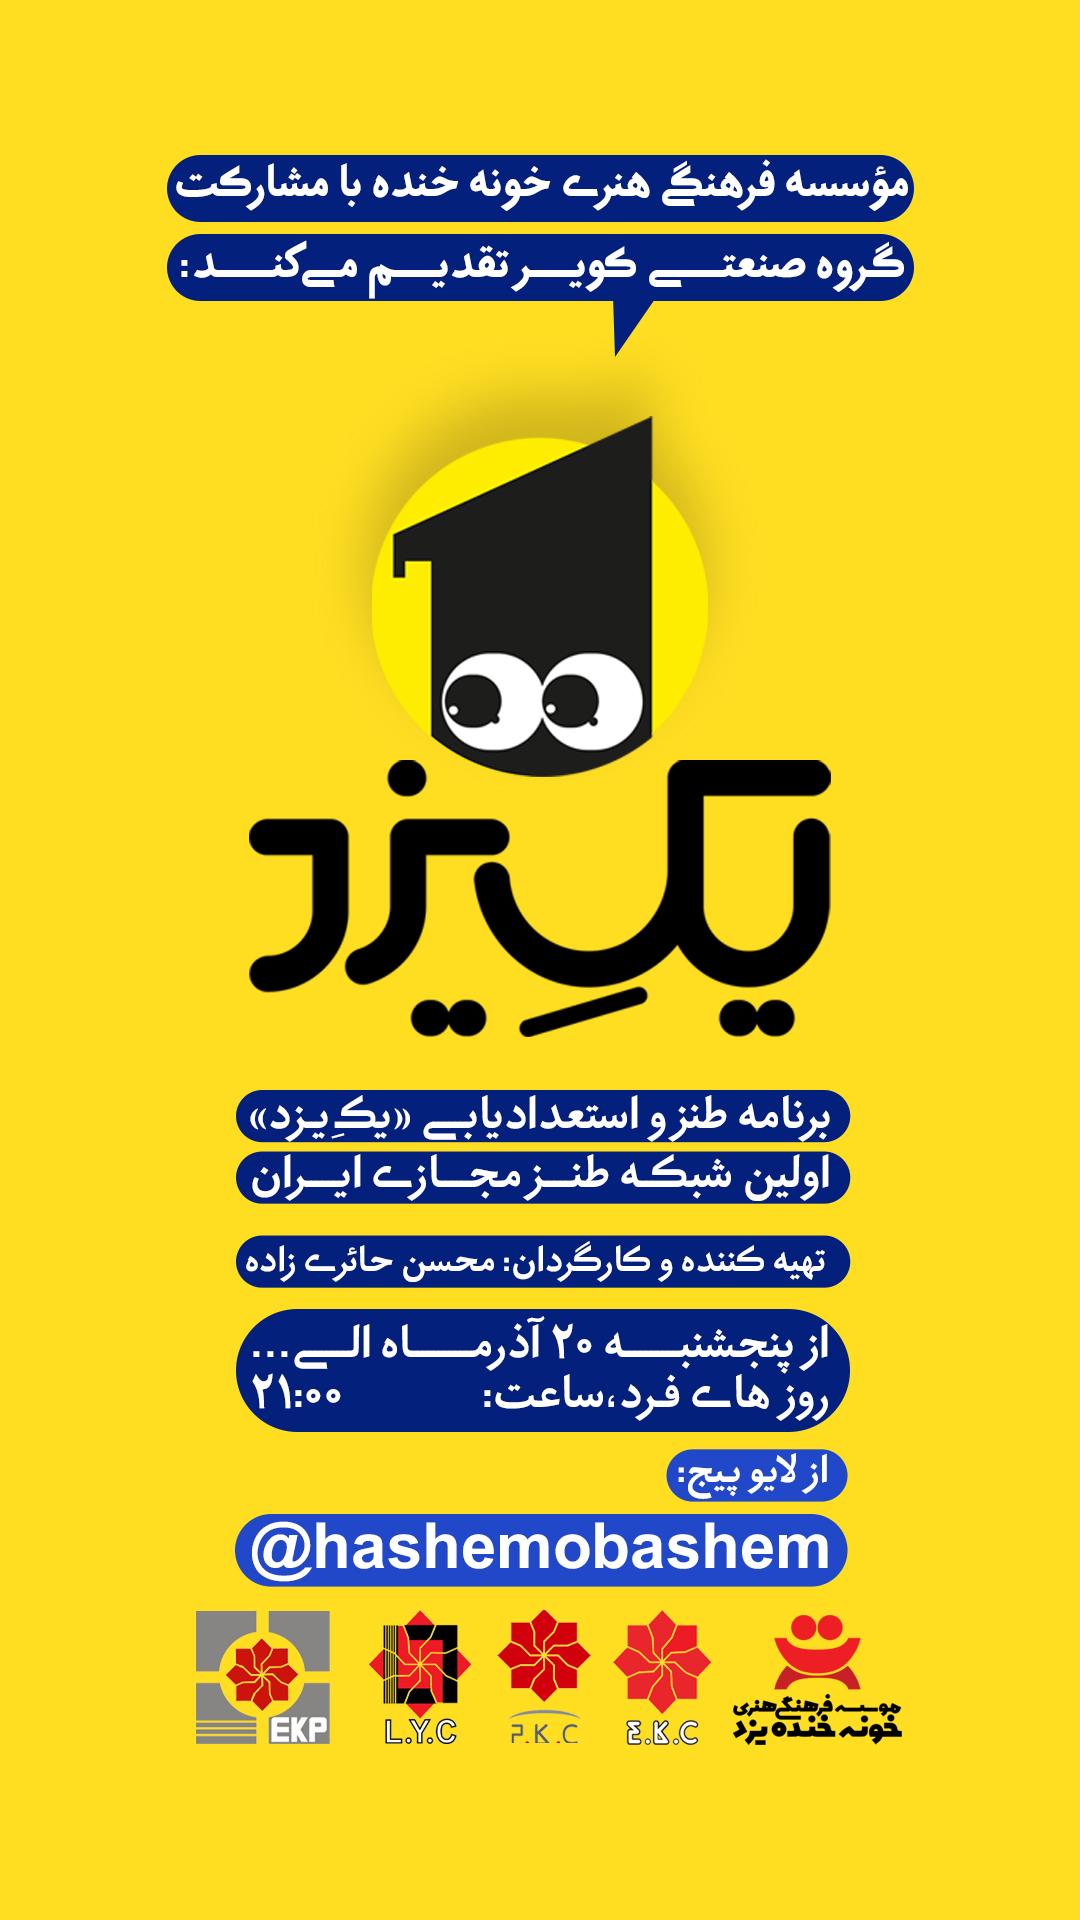 برنامه طنز و استعدادیابی یکِ یزد